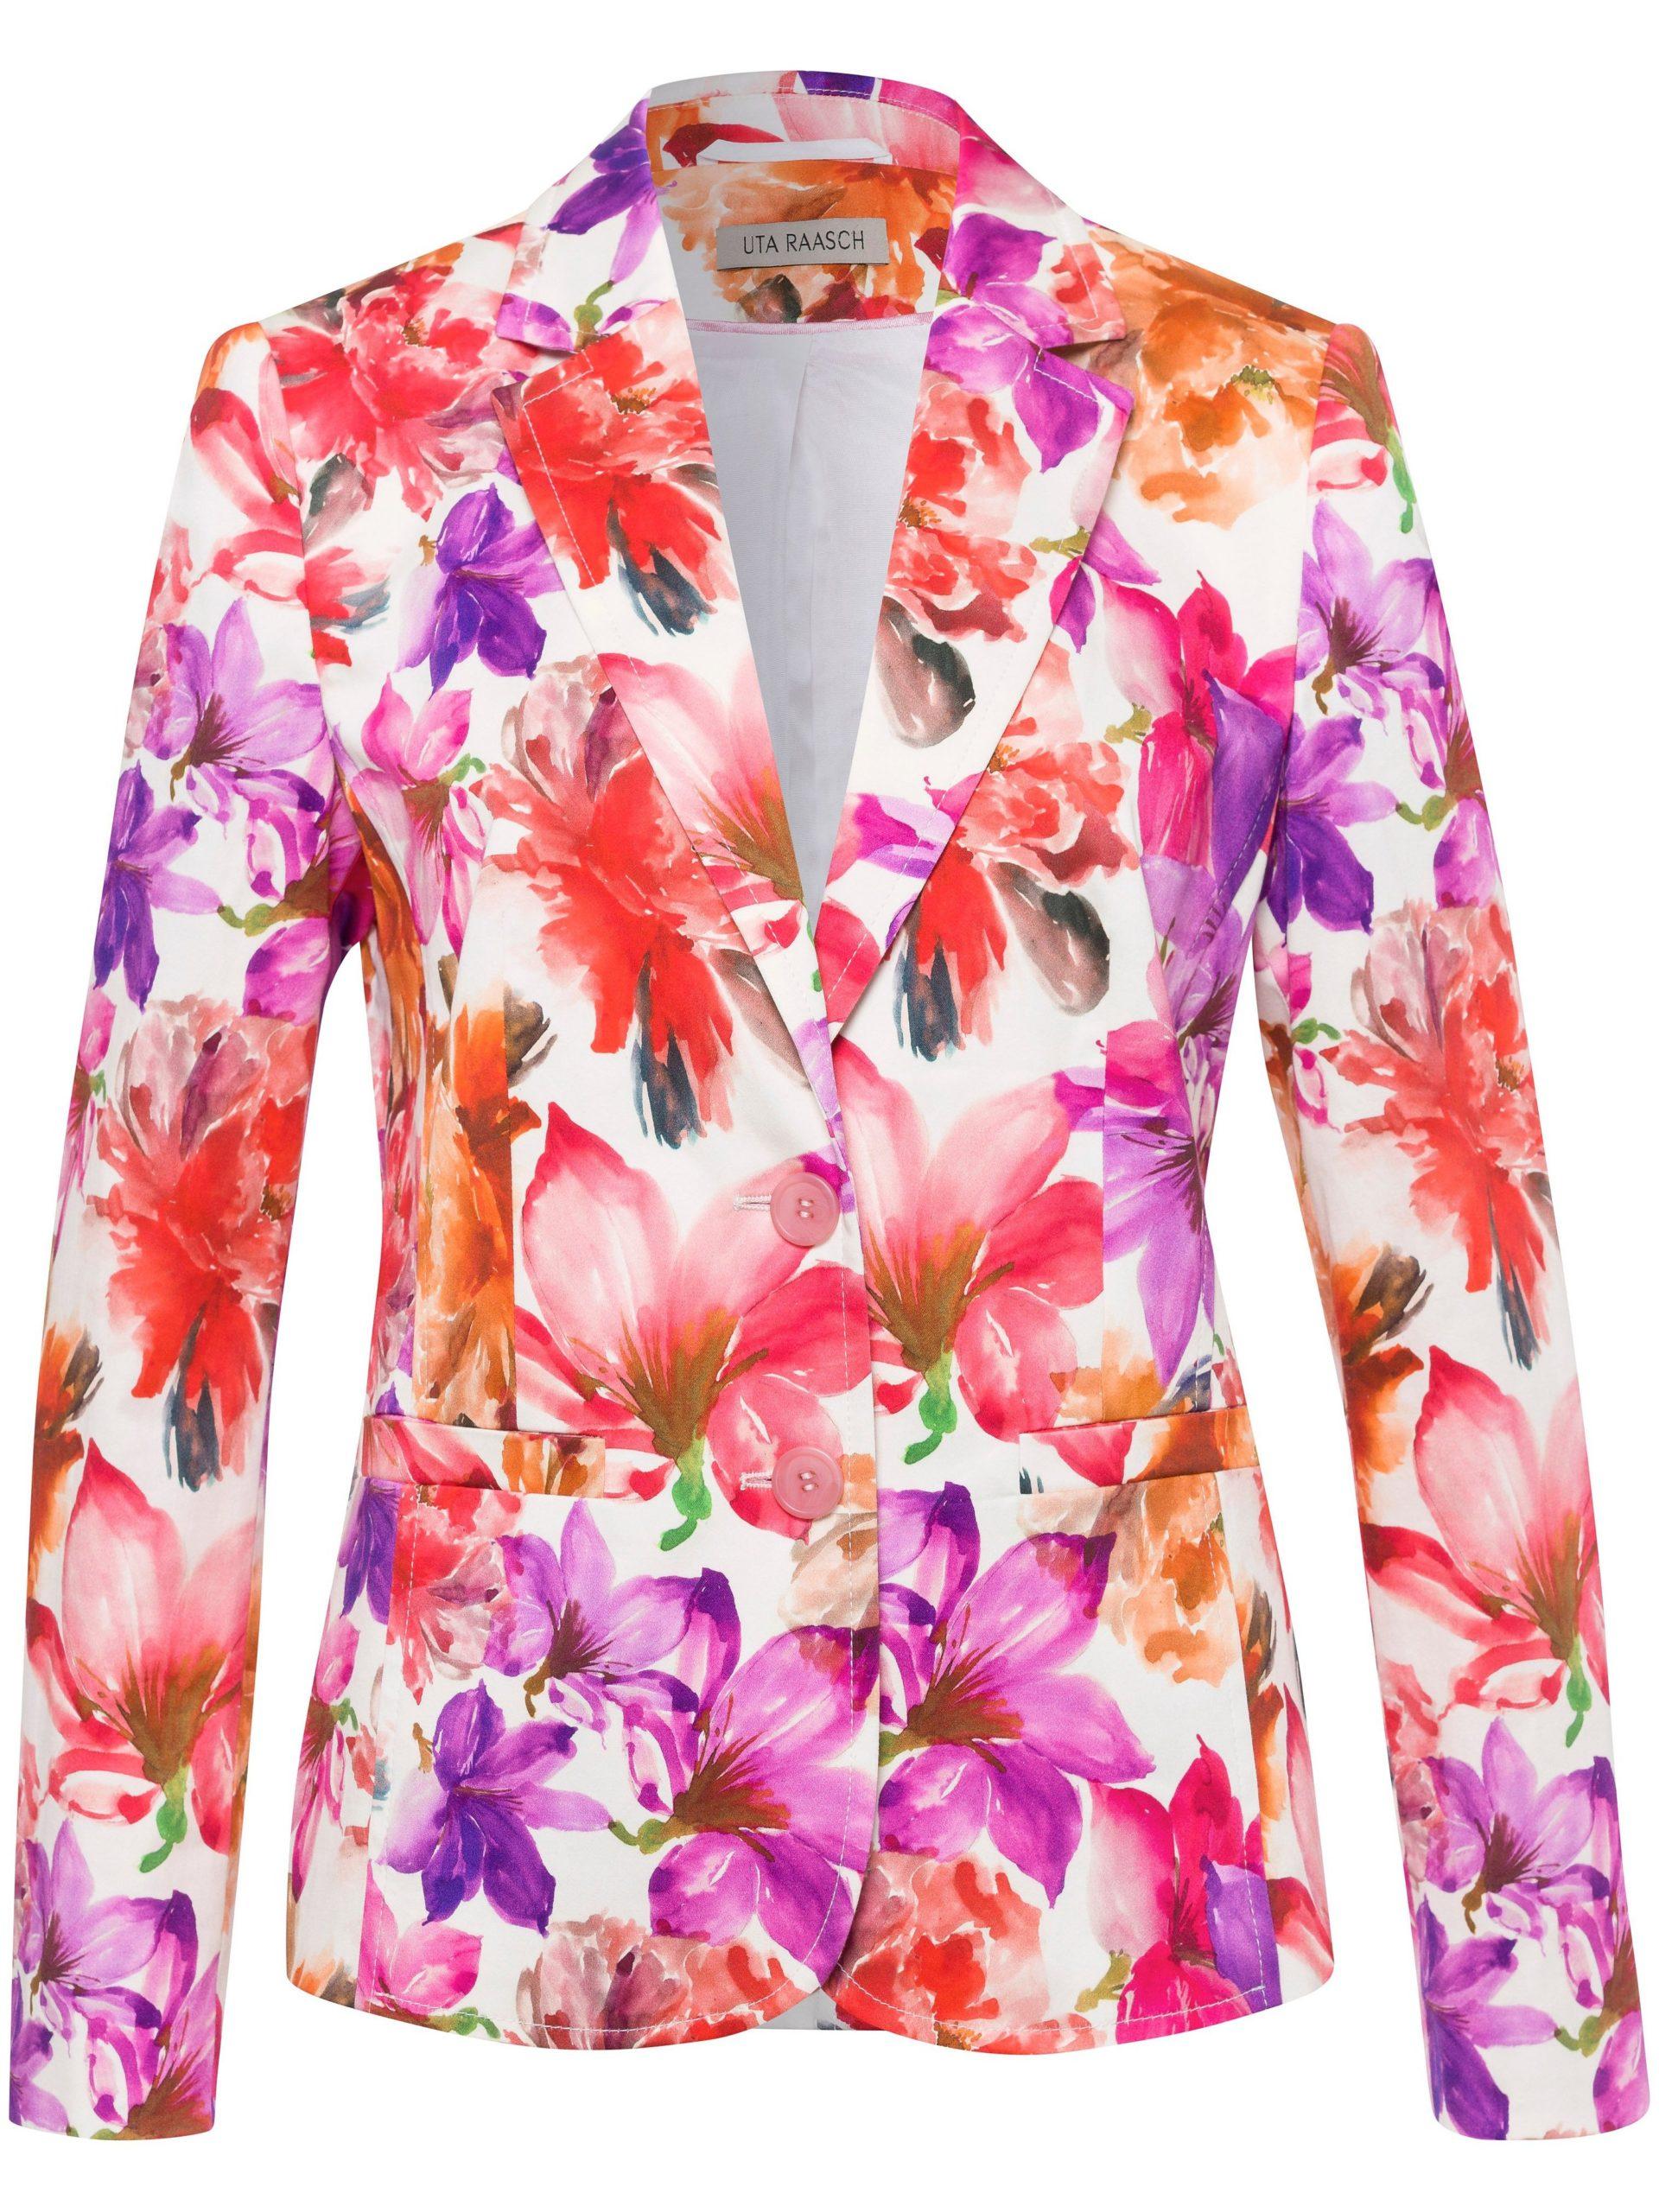 Blazer bloemenprint Van Uta Raasch multicolour Kopen